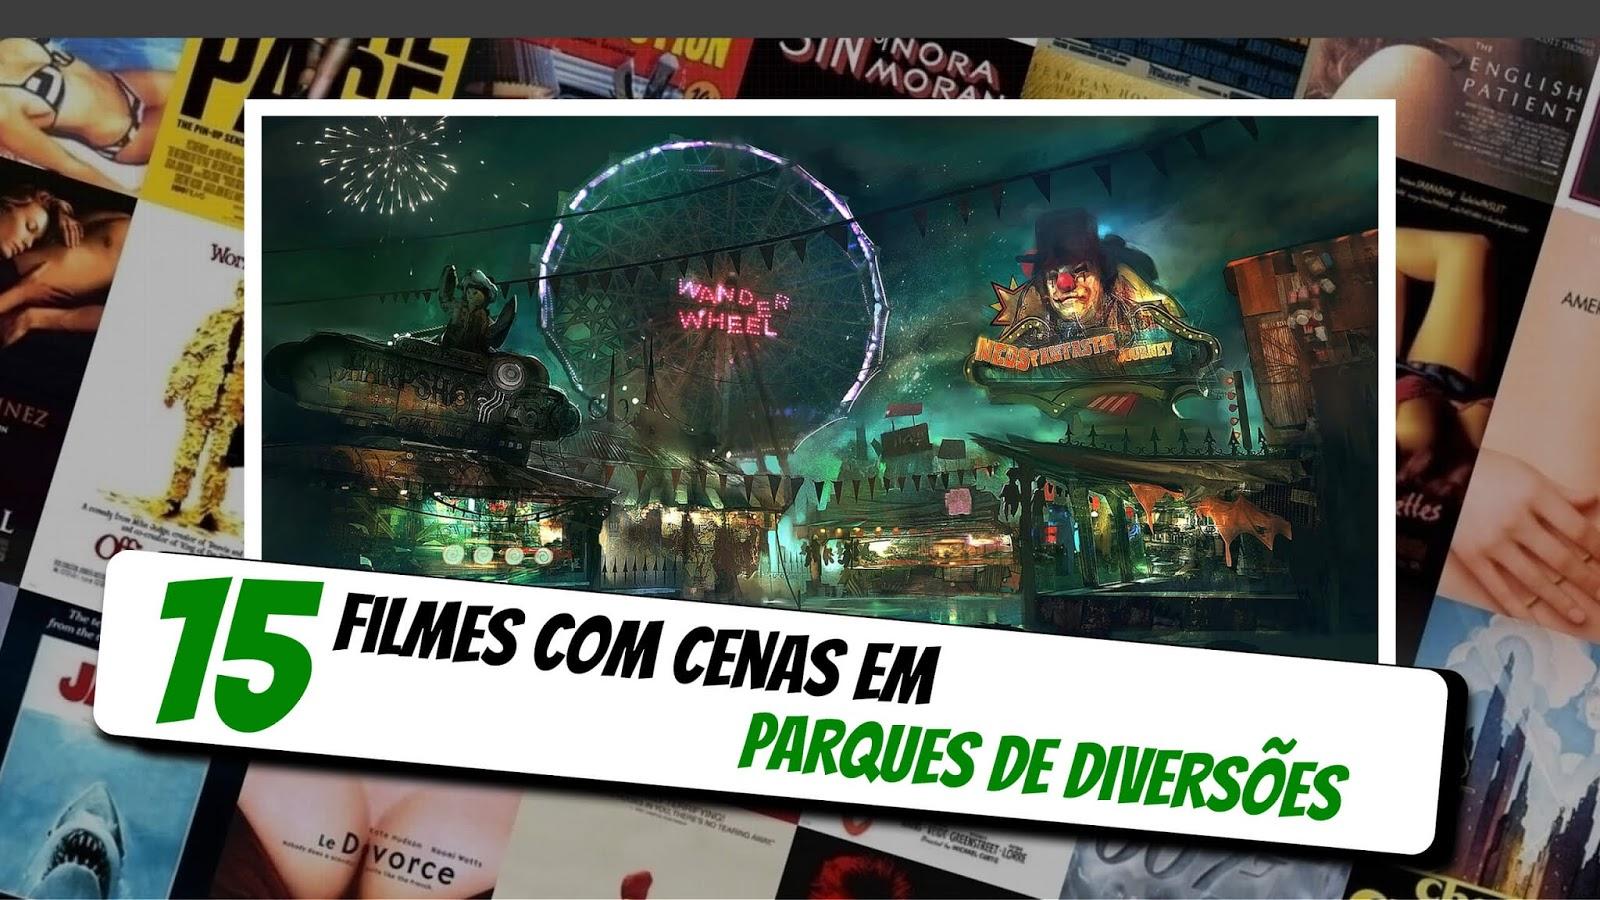 15-filmes-com-cenas-em-parques-de-diversoes